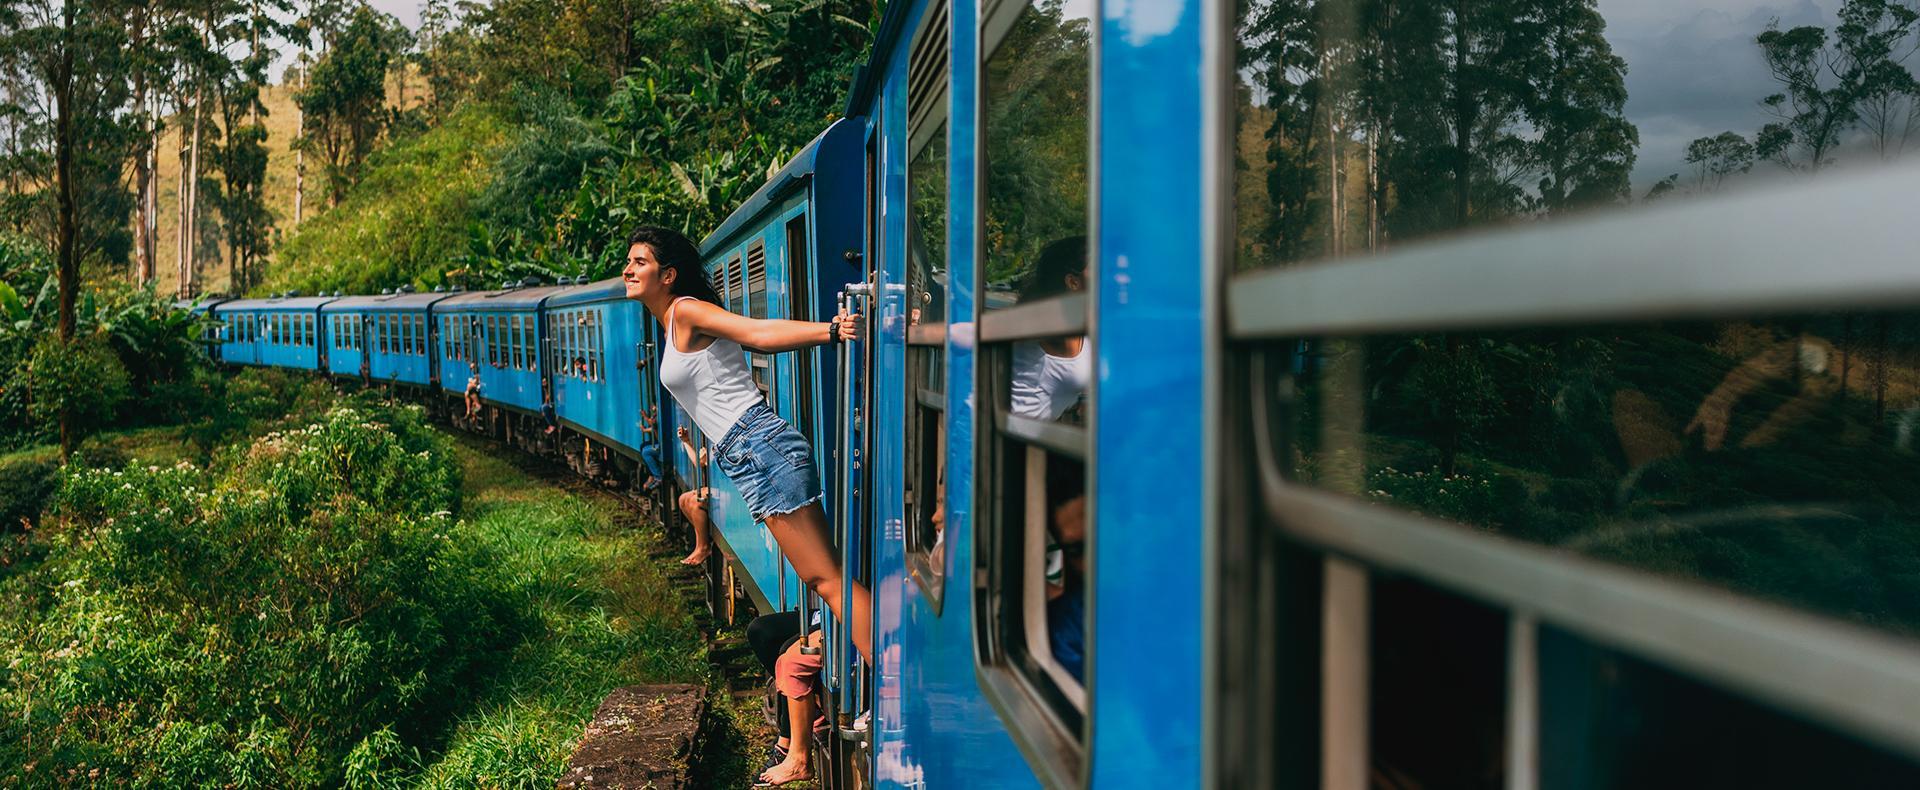 Le voyage en train : L'autre façon de voyager